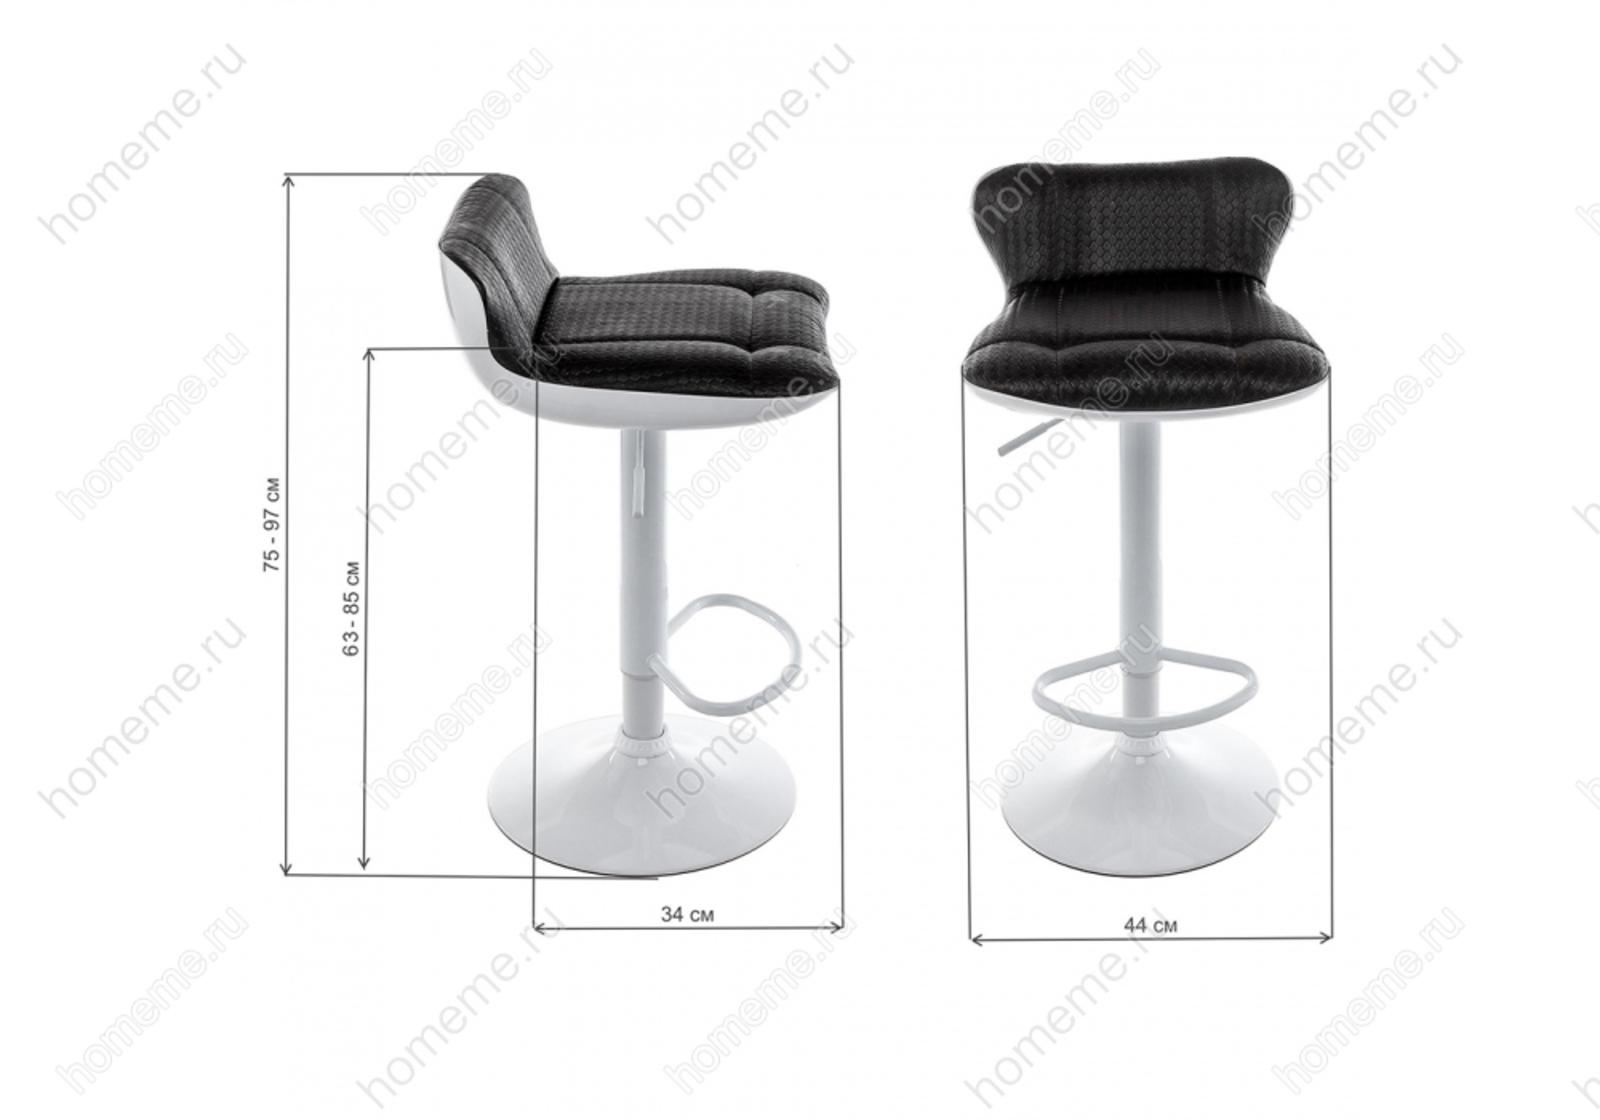 Барный стул Domus белый / черный 1934 Domus белый / черный 1934 (13904)